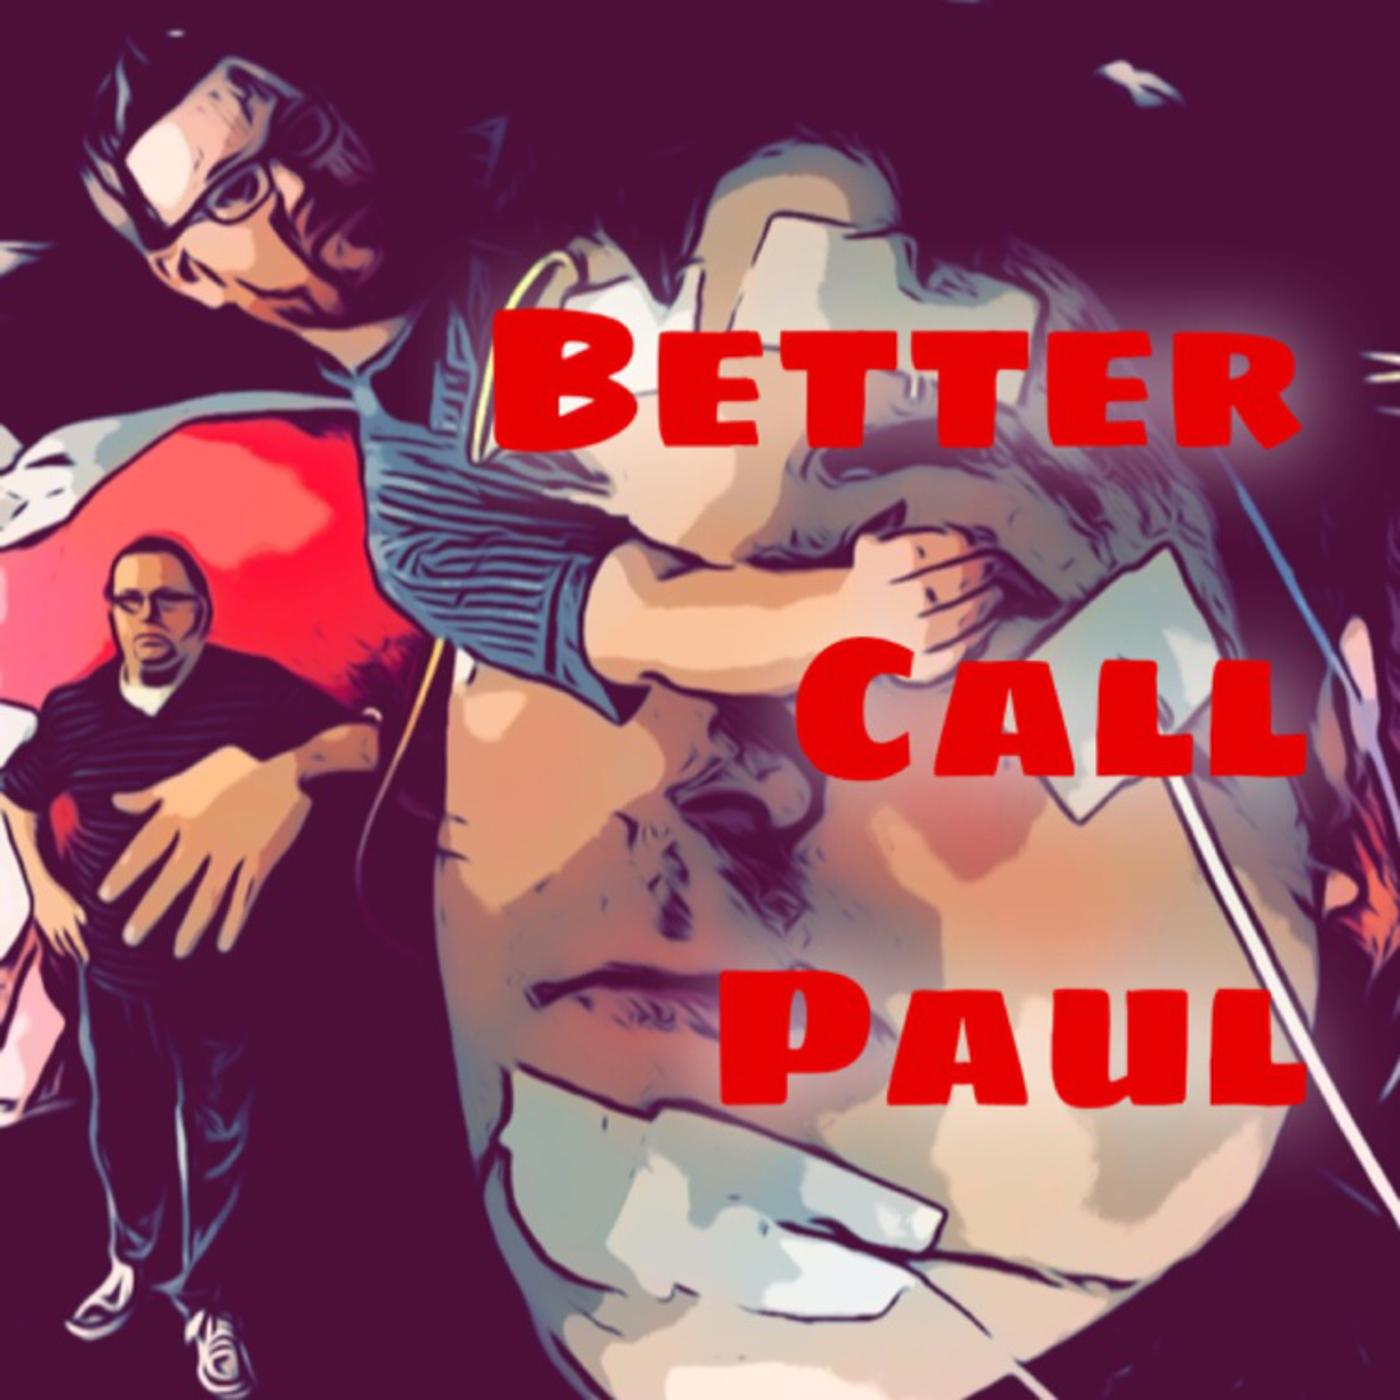 Better Call Paul - TMDOTPBM Enterprises